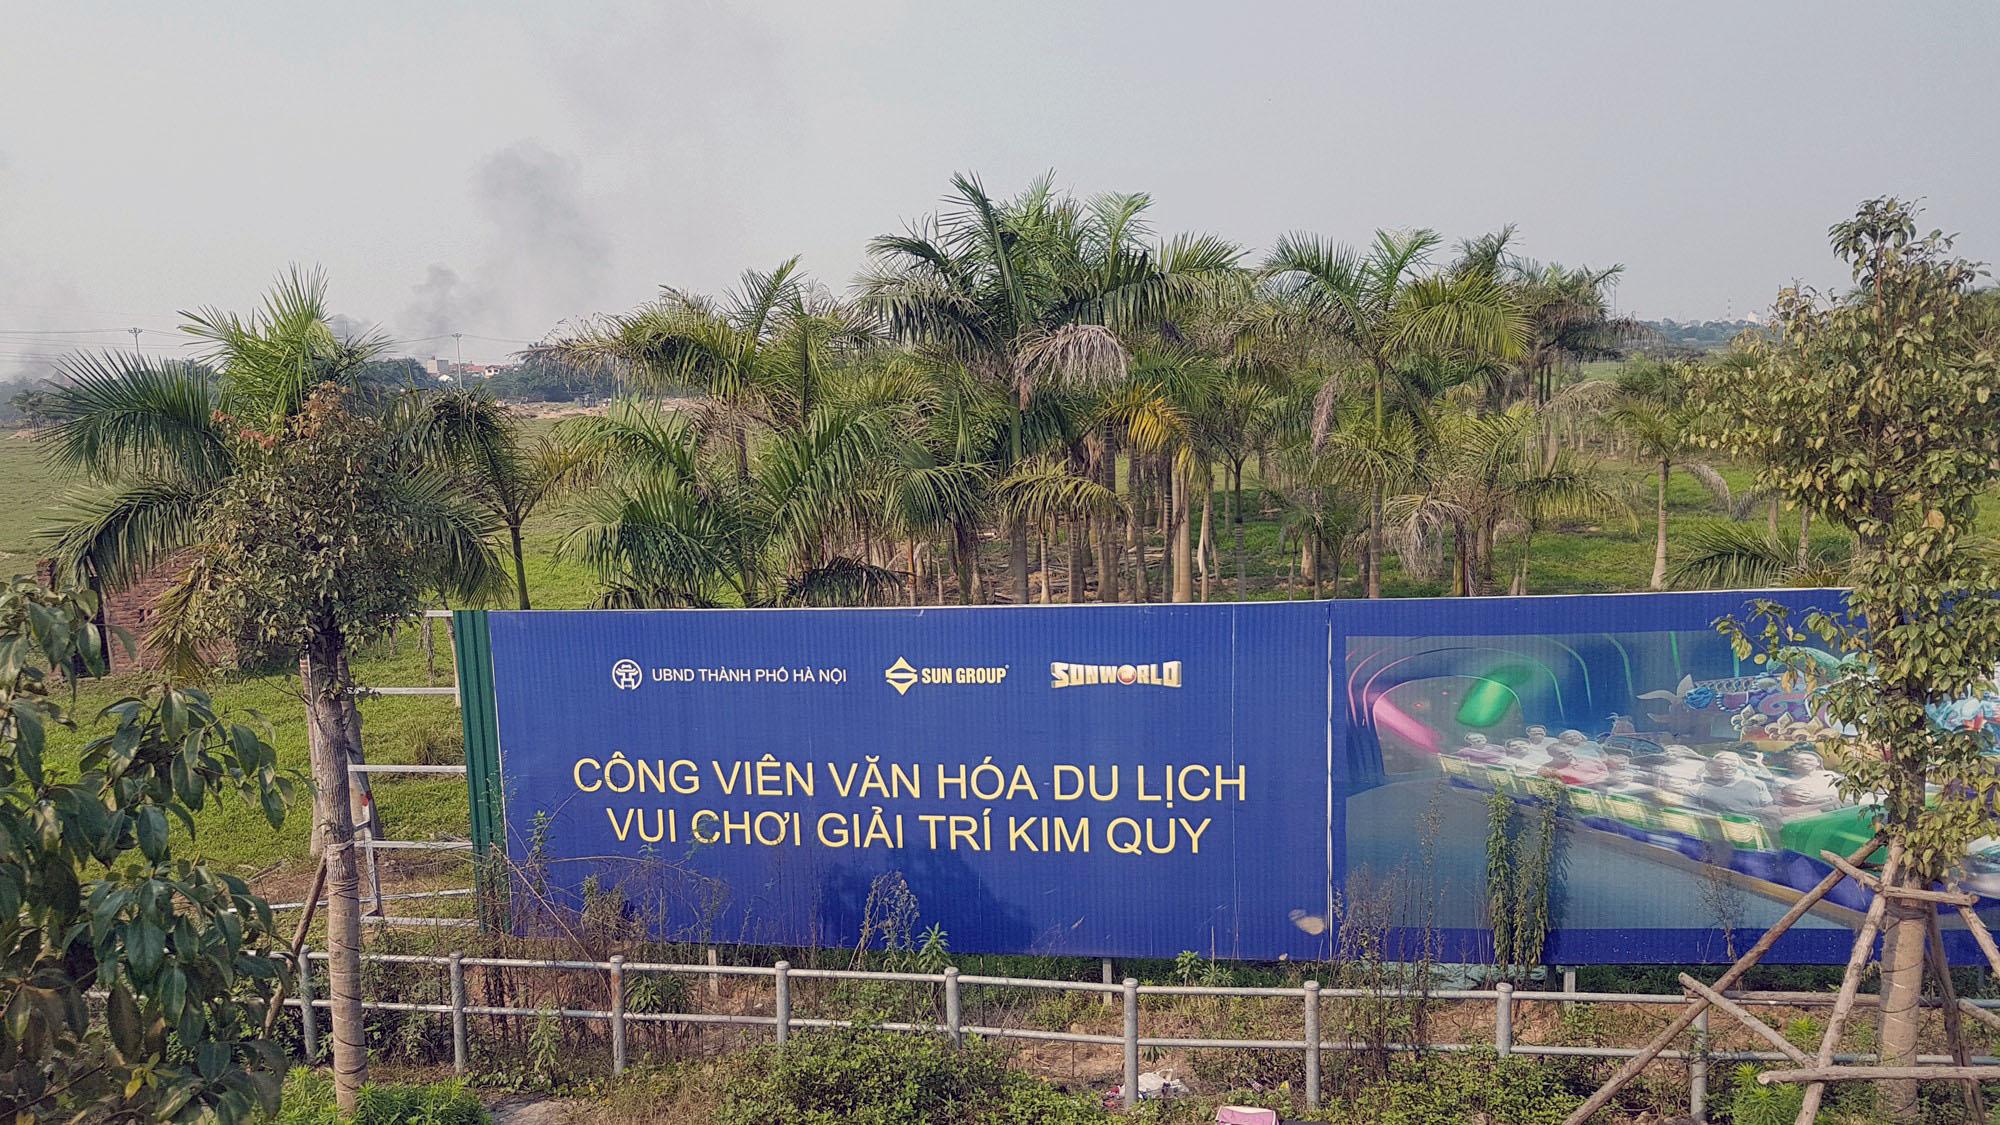 Dự án Eurowindow River Park đang mở bán: Cửa ngõ Đông Bắc Hà Nội, view hai sông lớn - Ảnh 12.